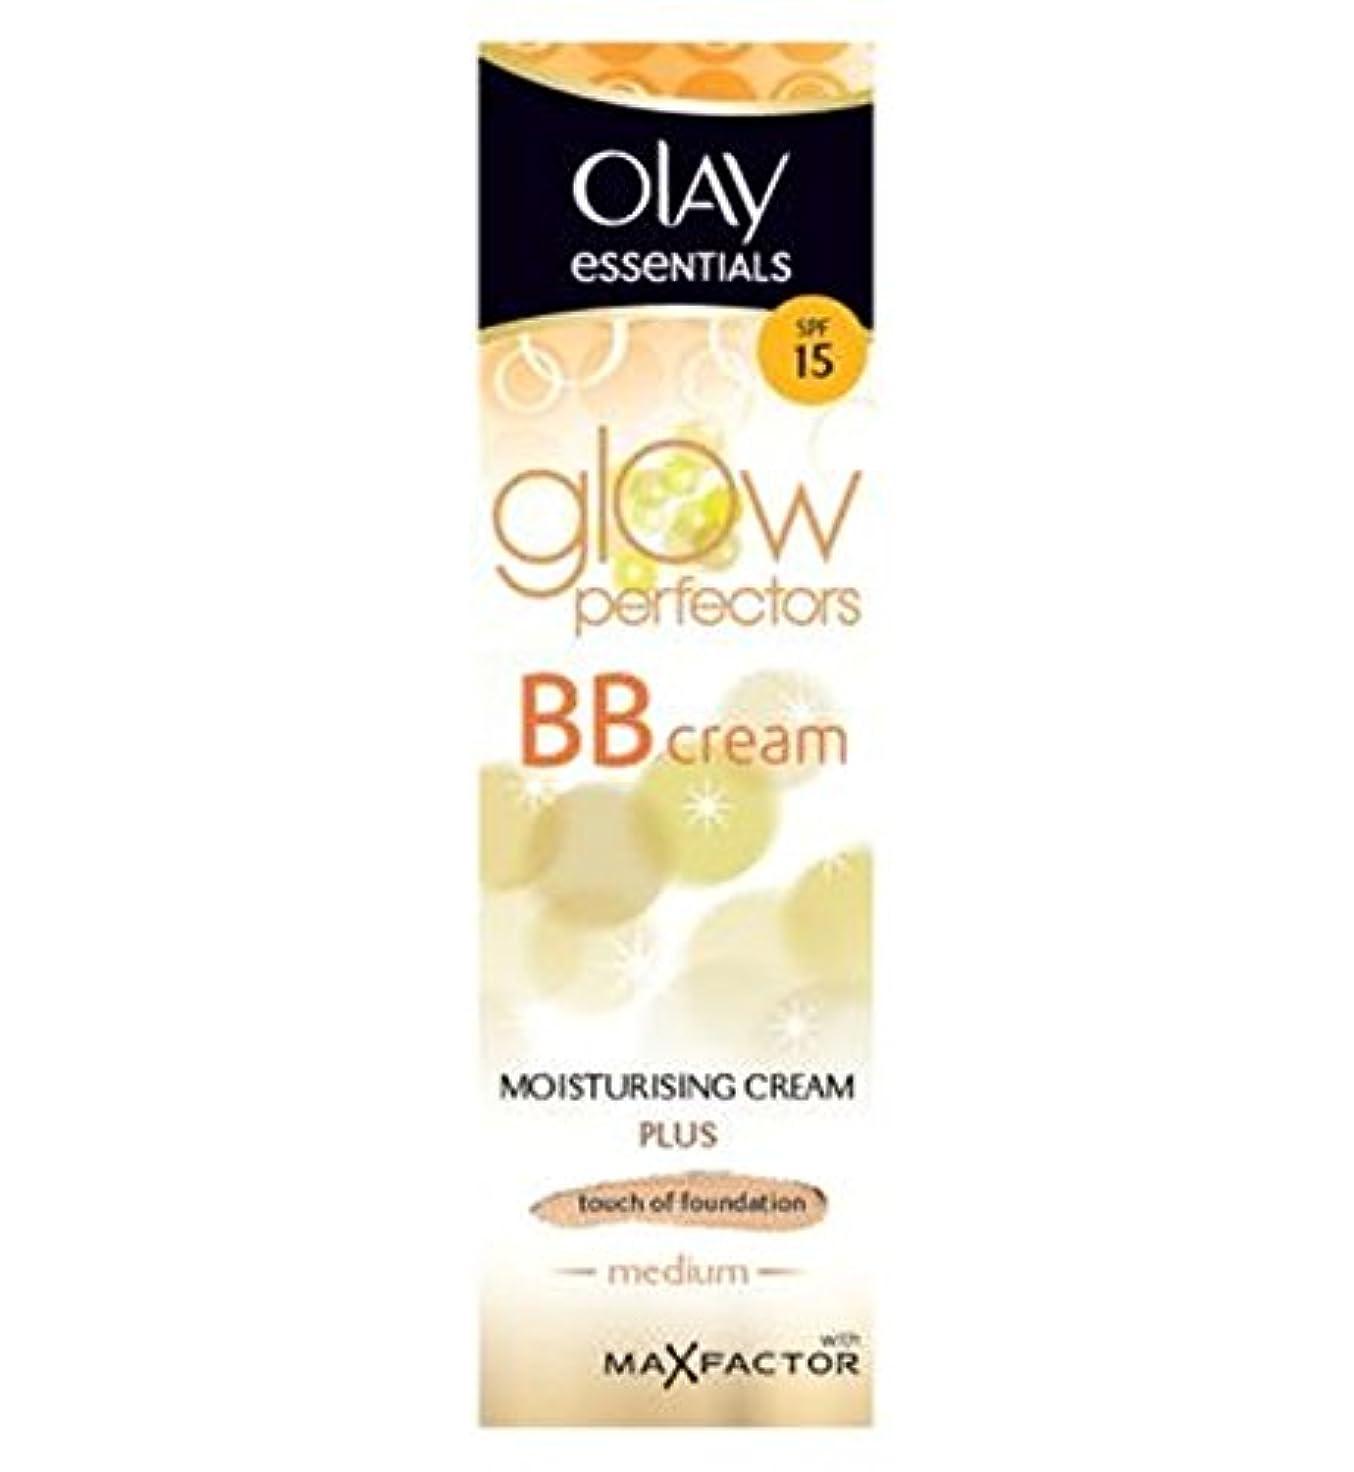 ベール上記の頭と肩圧縮着色保湿50ミリリットルを完成オーレイ完全なBbクリームSpf15スキン - 中 (Olay) (x2) - Olay Complete BB Cream SPF15 Skin Perfecting Tinted Moisturiser...